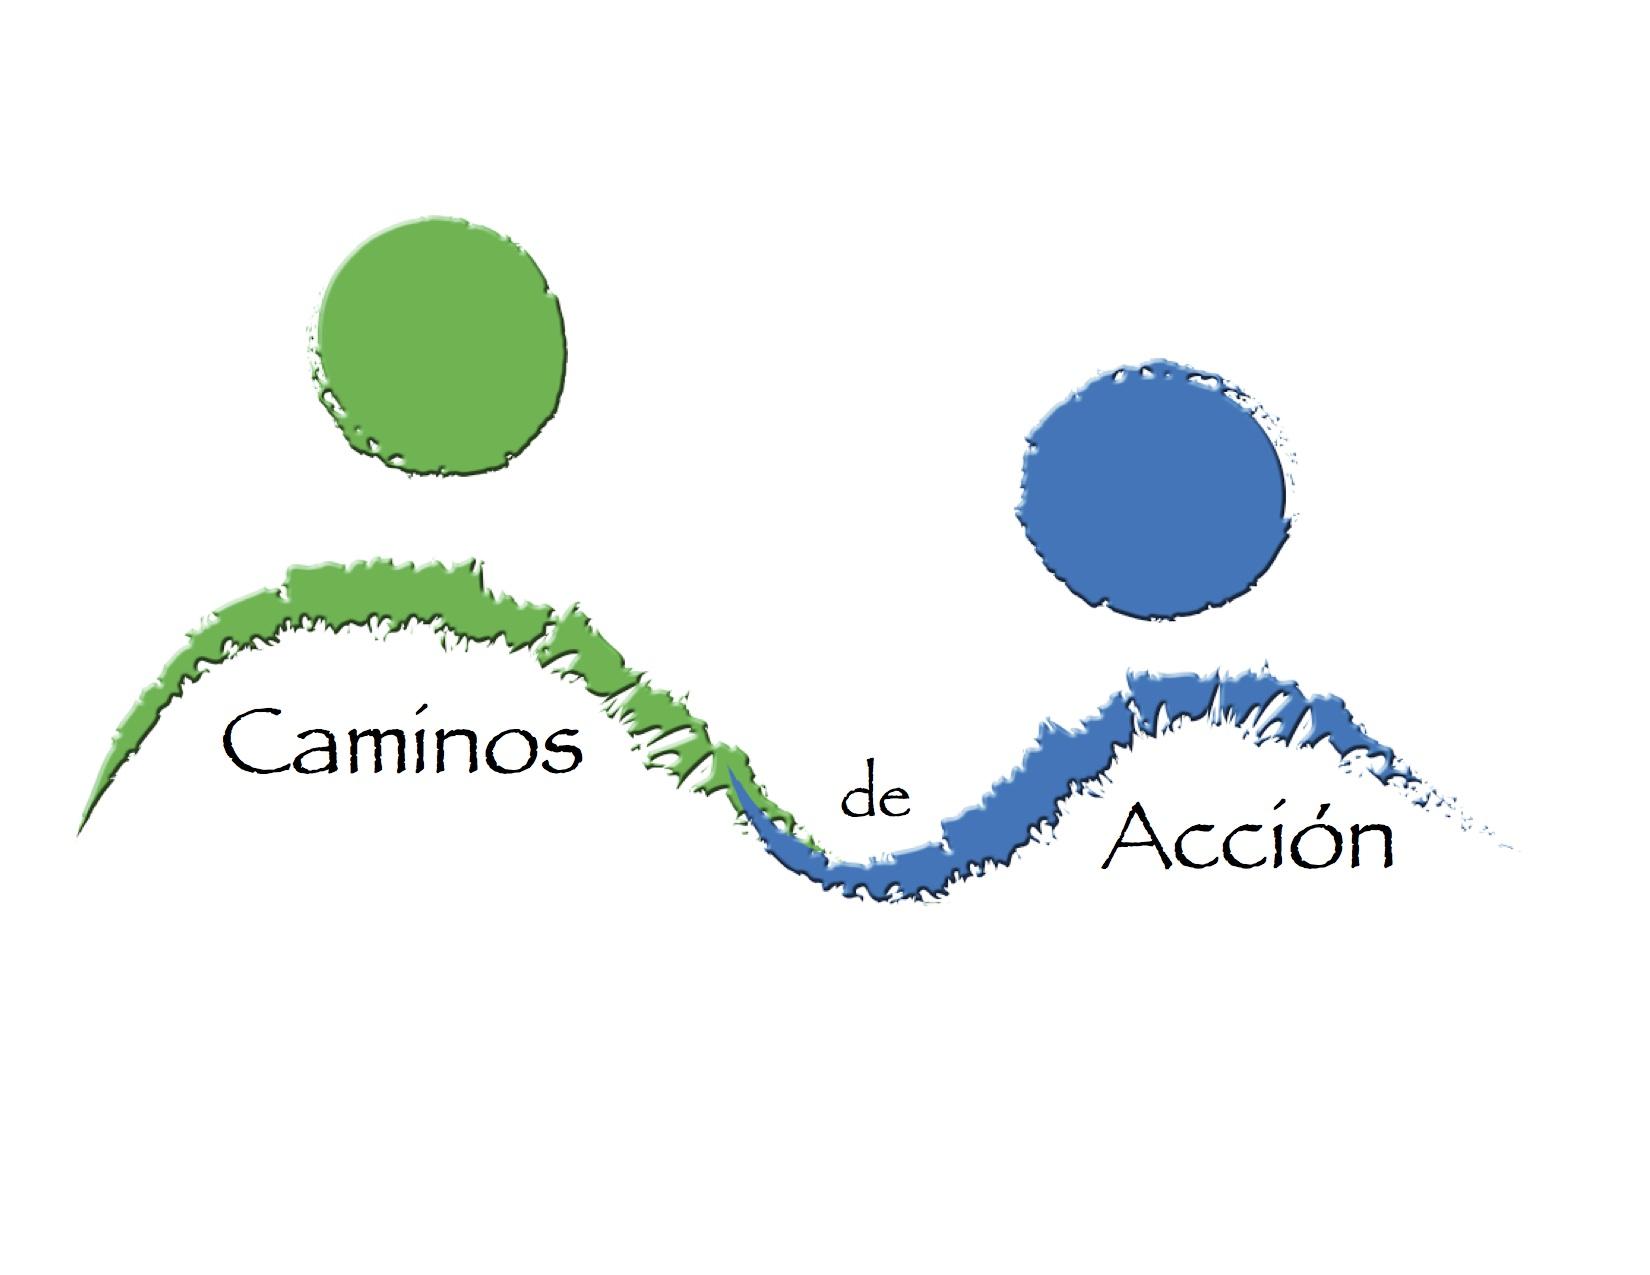 Caminos de Accion (CdA)